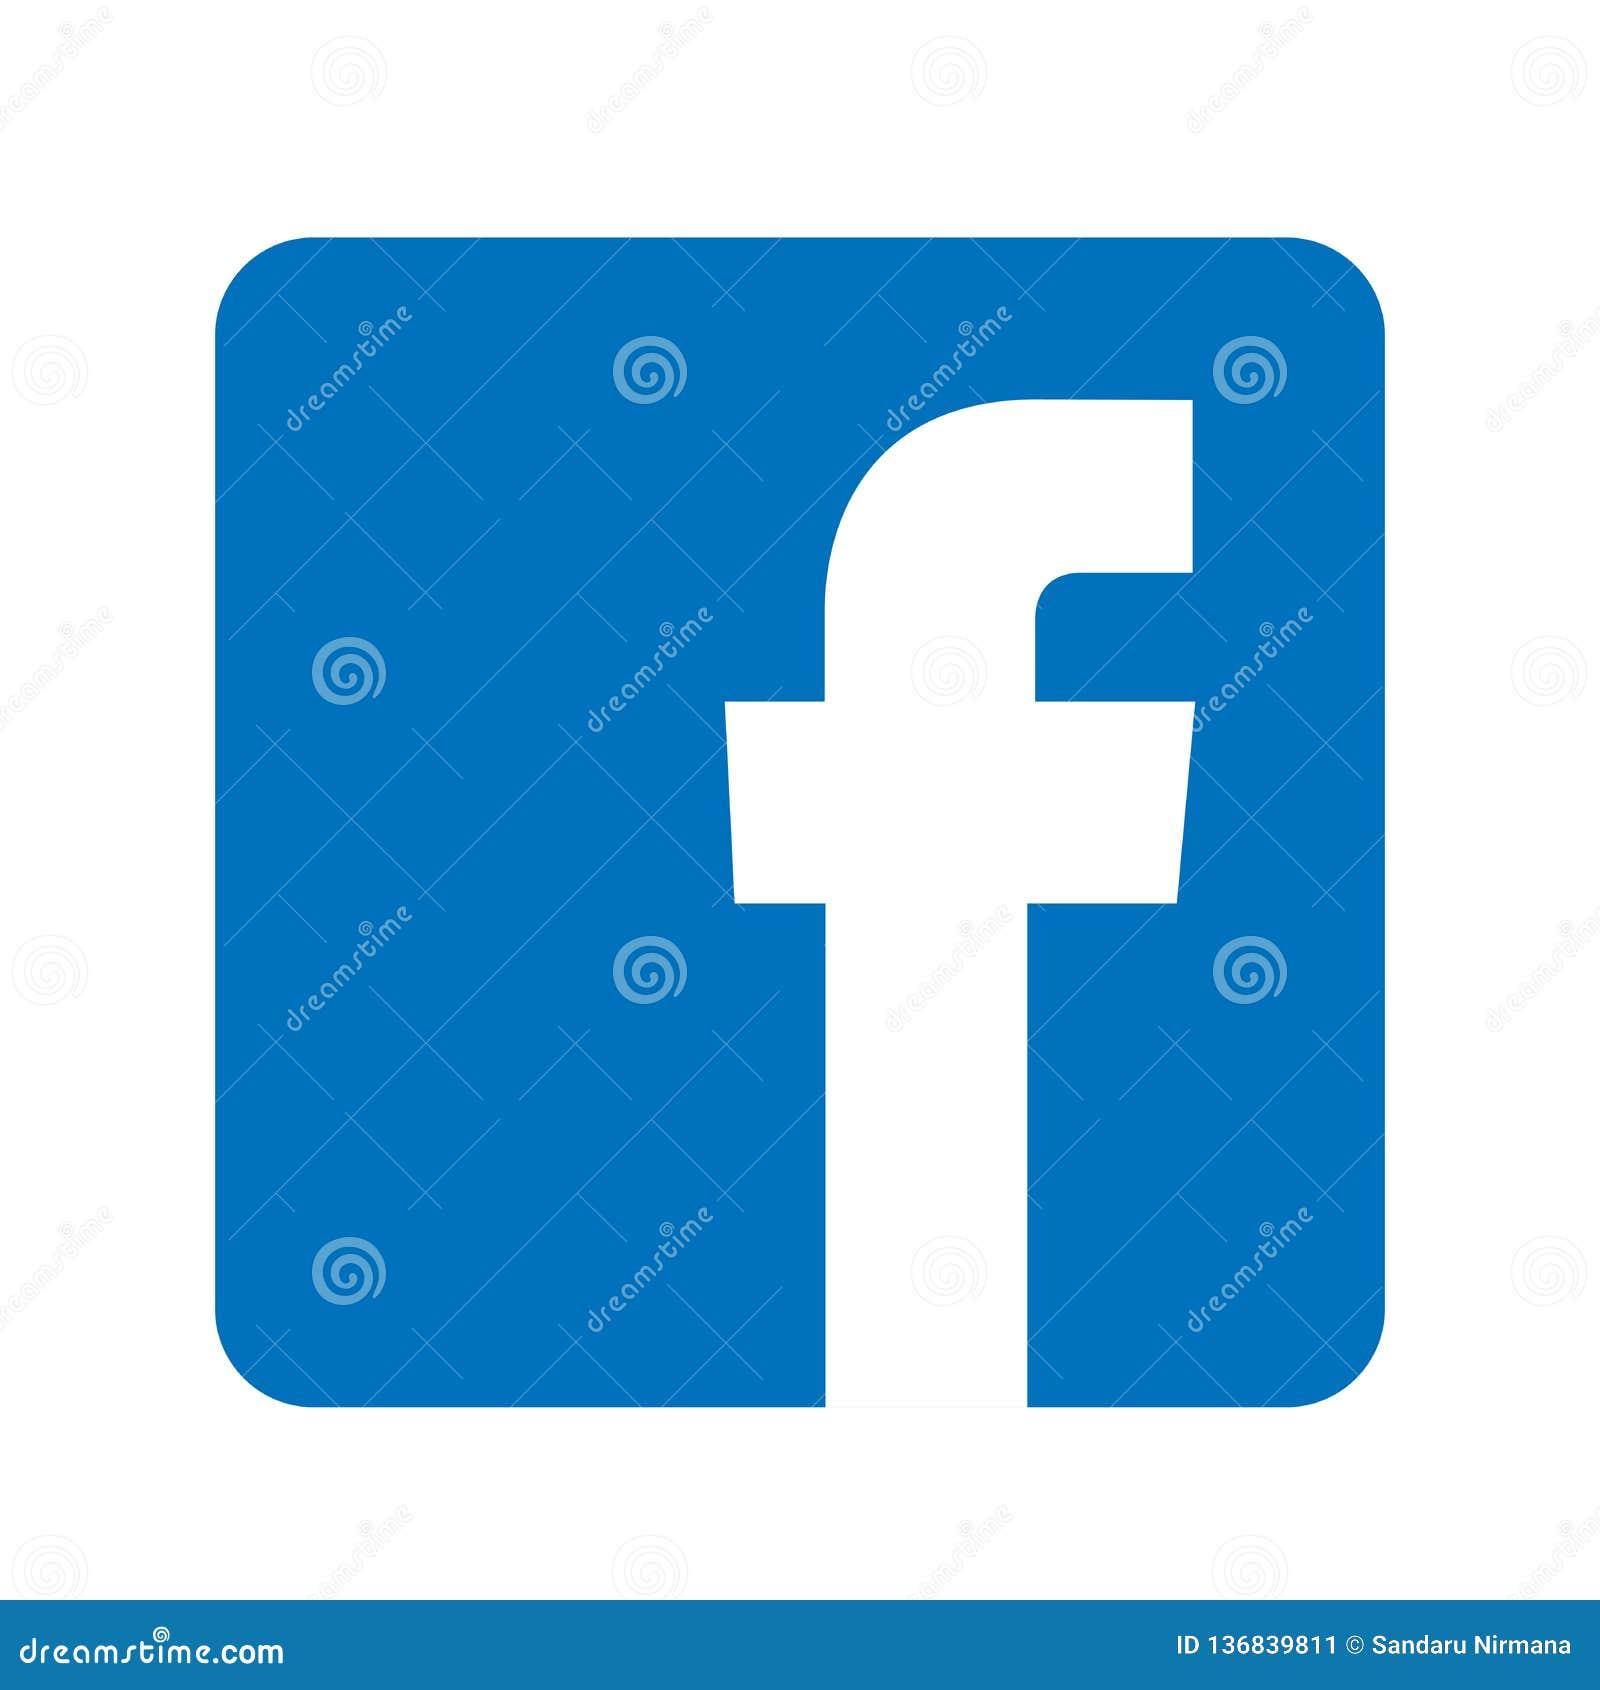 Illustrations De Vecteur D Icone De Logo De Facebook Sur Le Fond